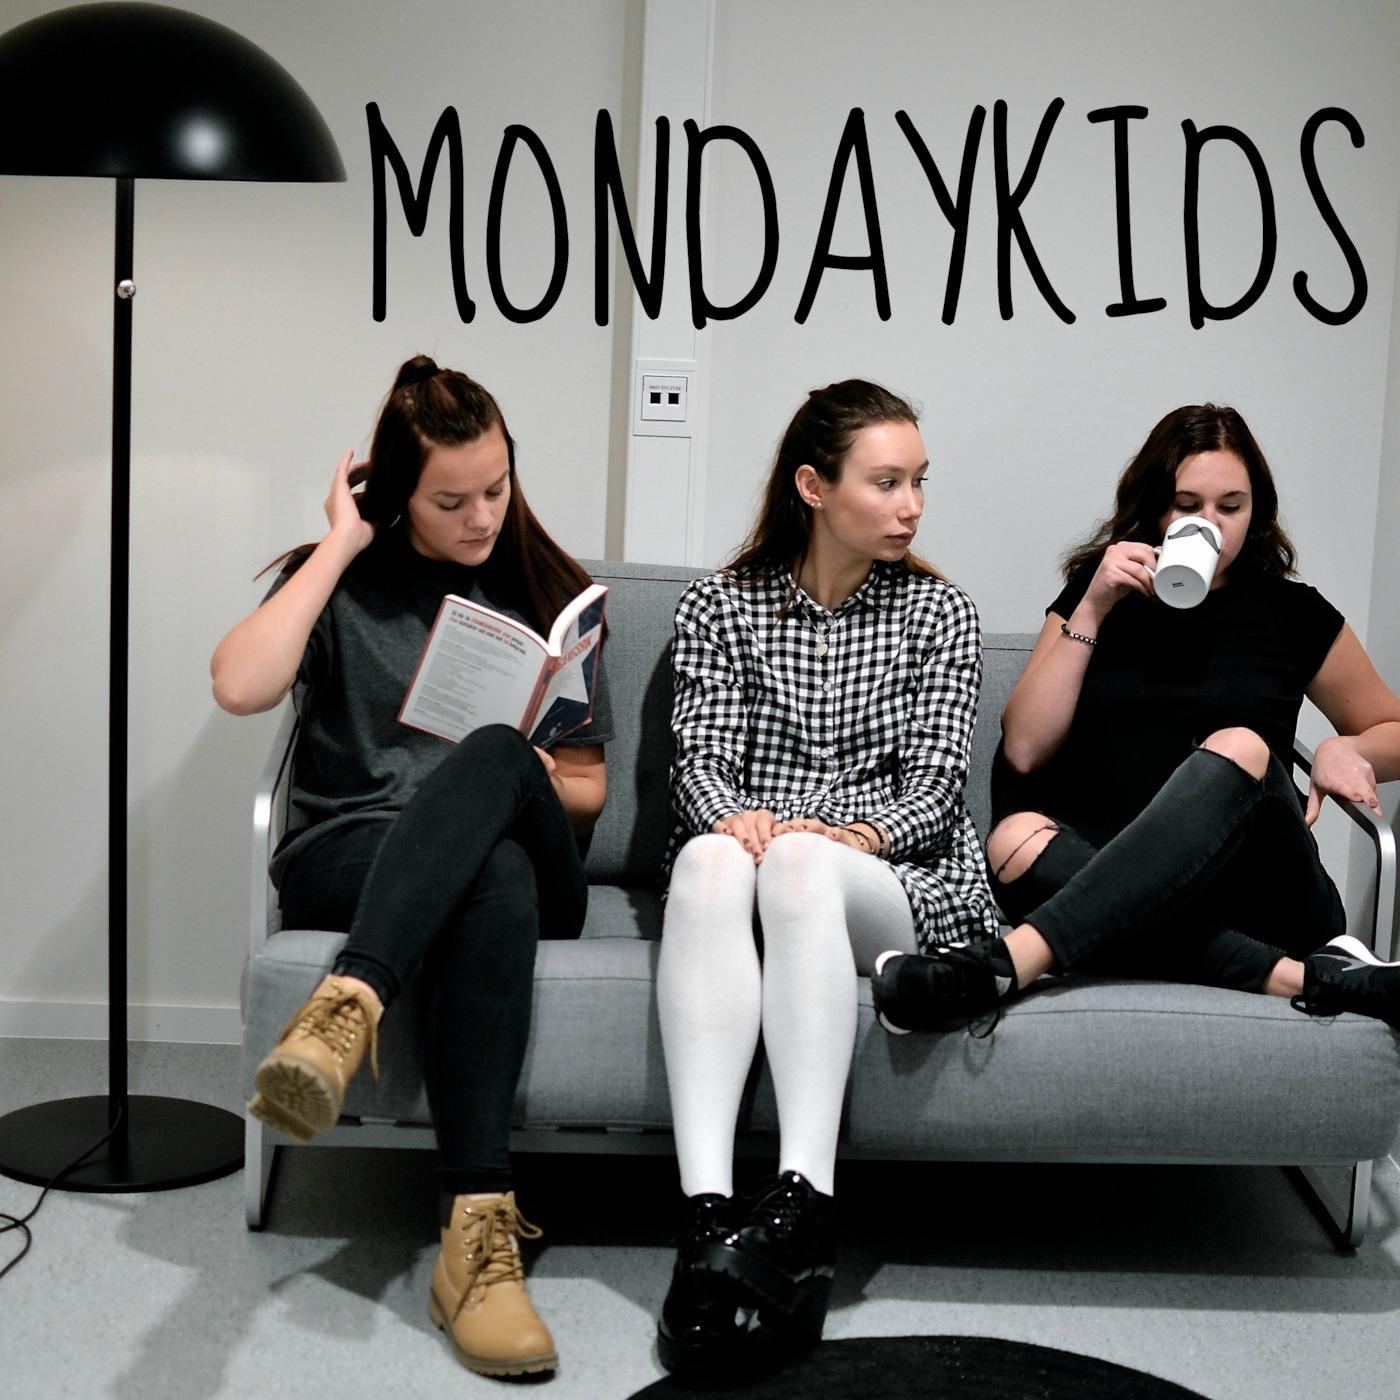 Mondaykids